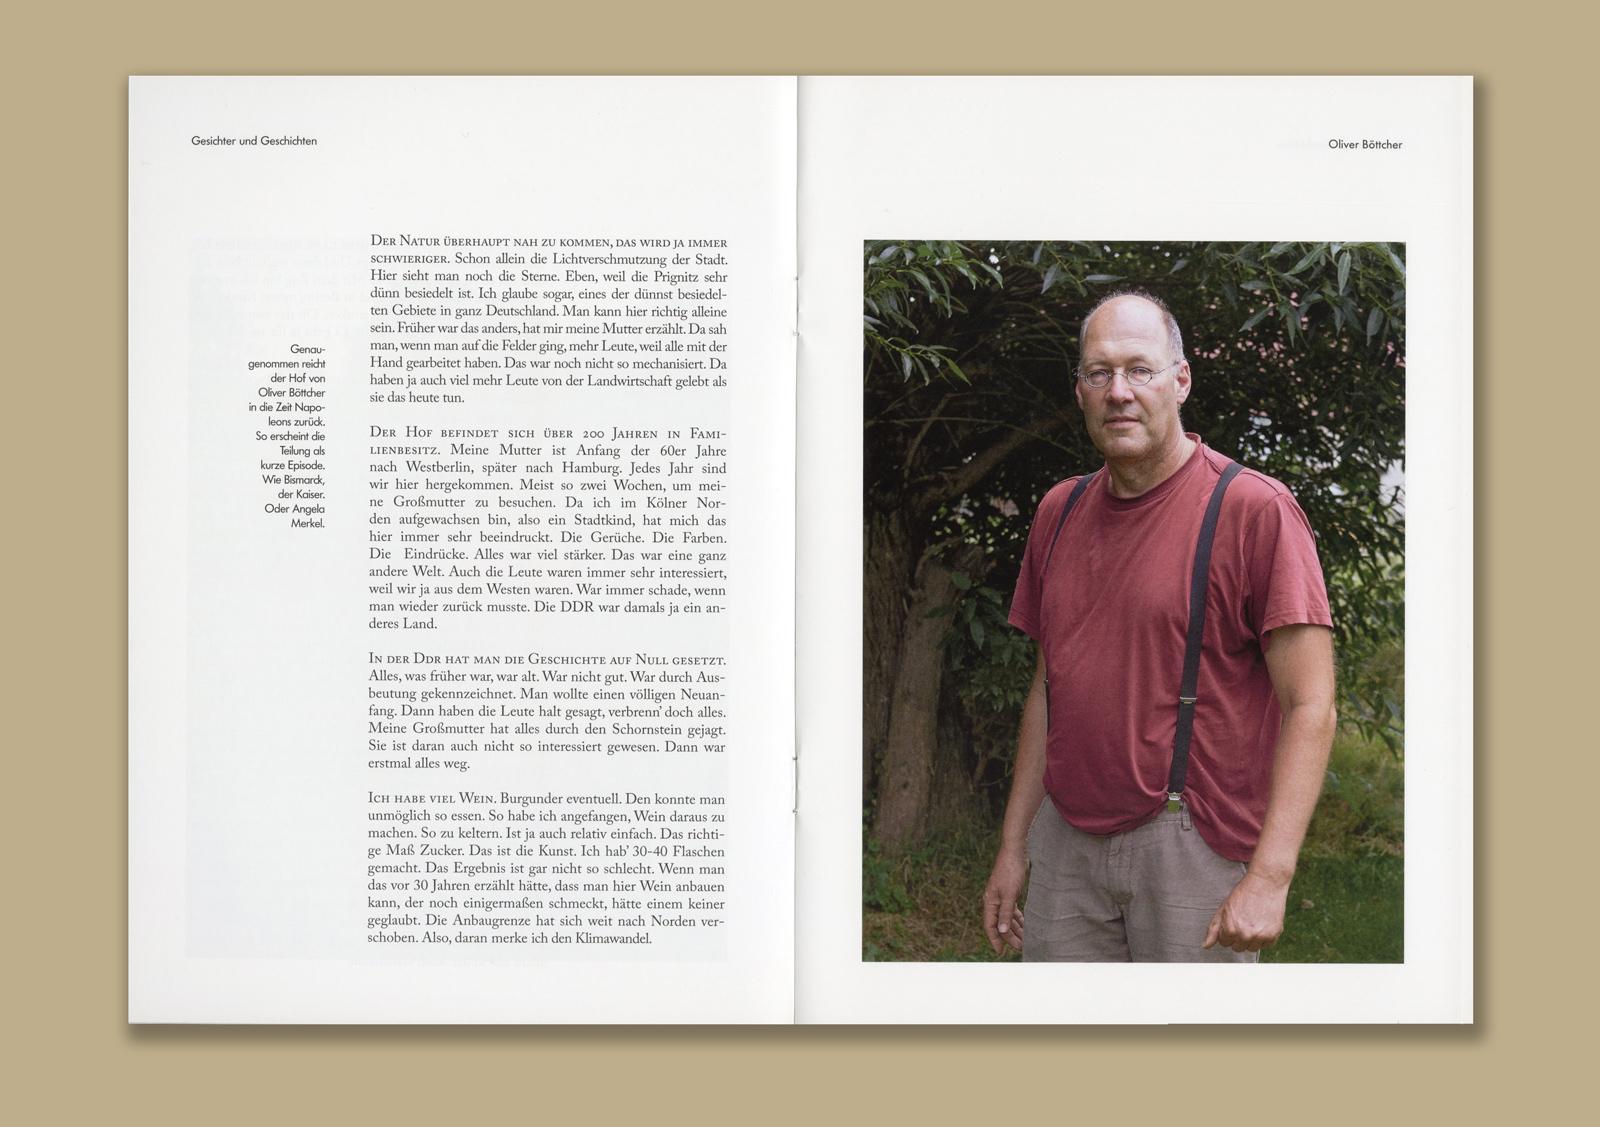 Alexander-Hilbert-Gesichter-Und-Geschichten-Krautin-Verlag8